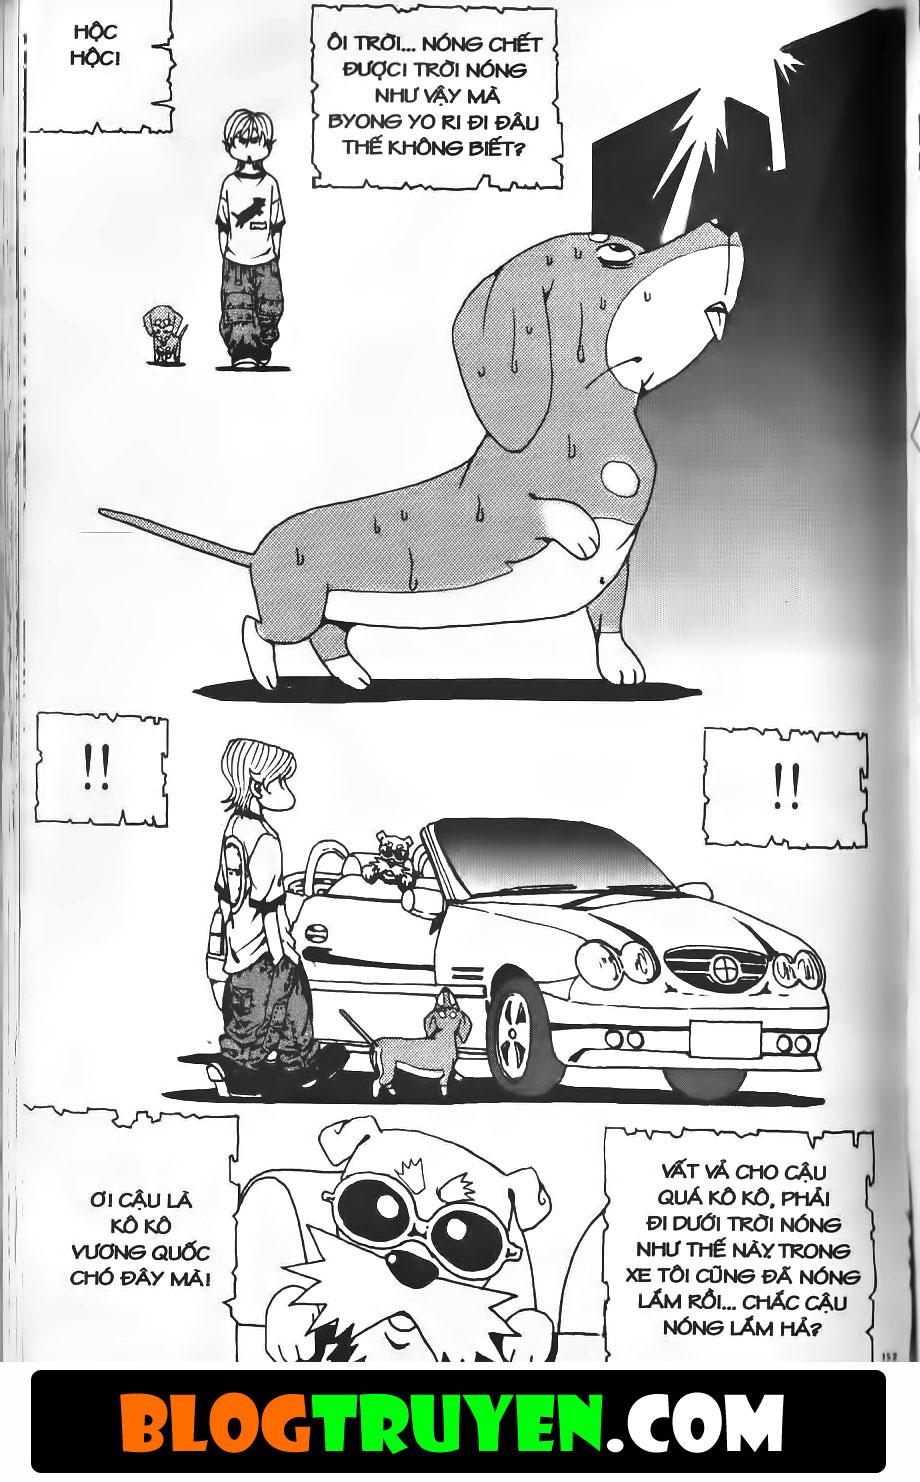 Bitagi - Anh chàng ngổ ngáo chap 182 trang 20